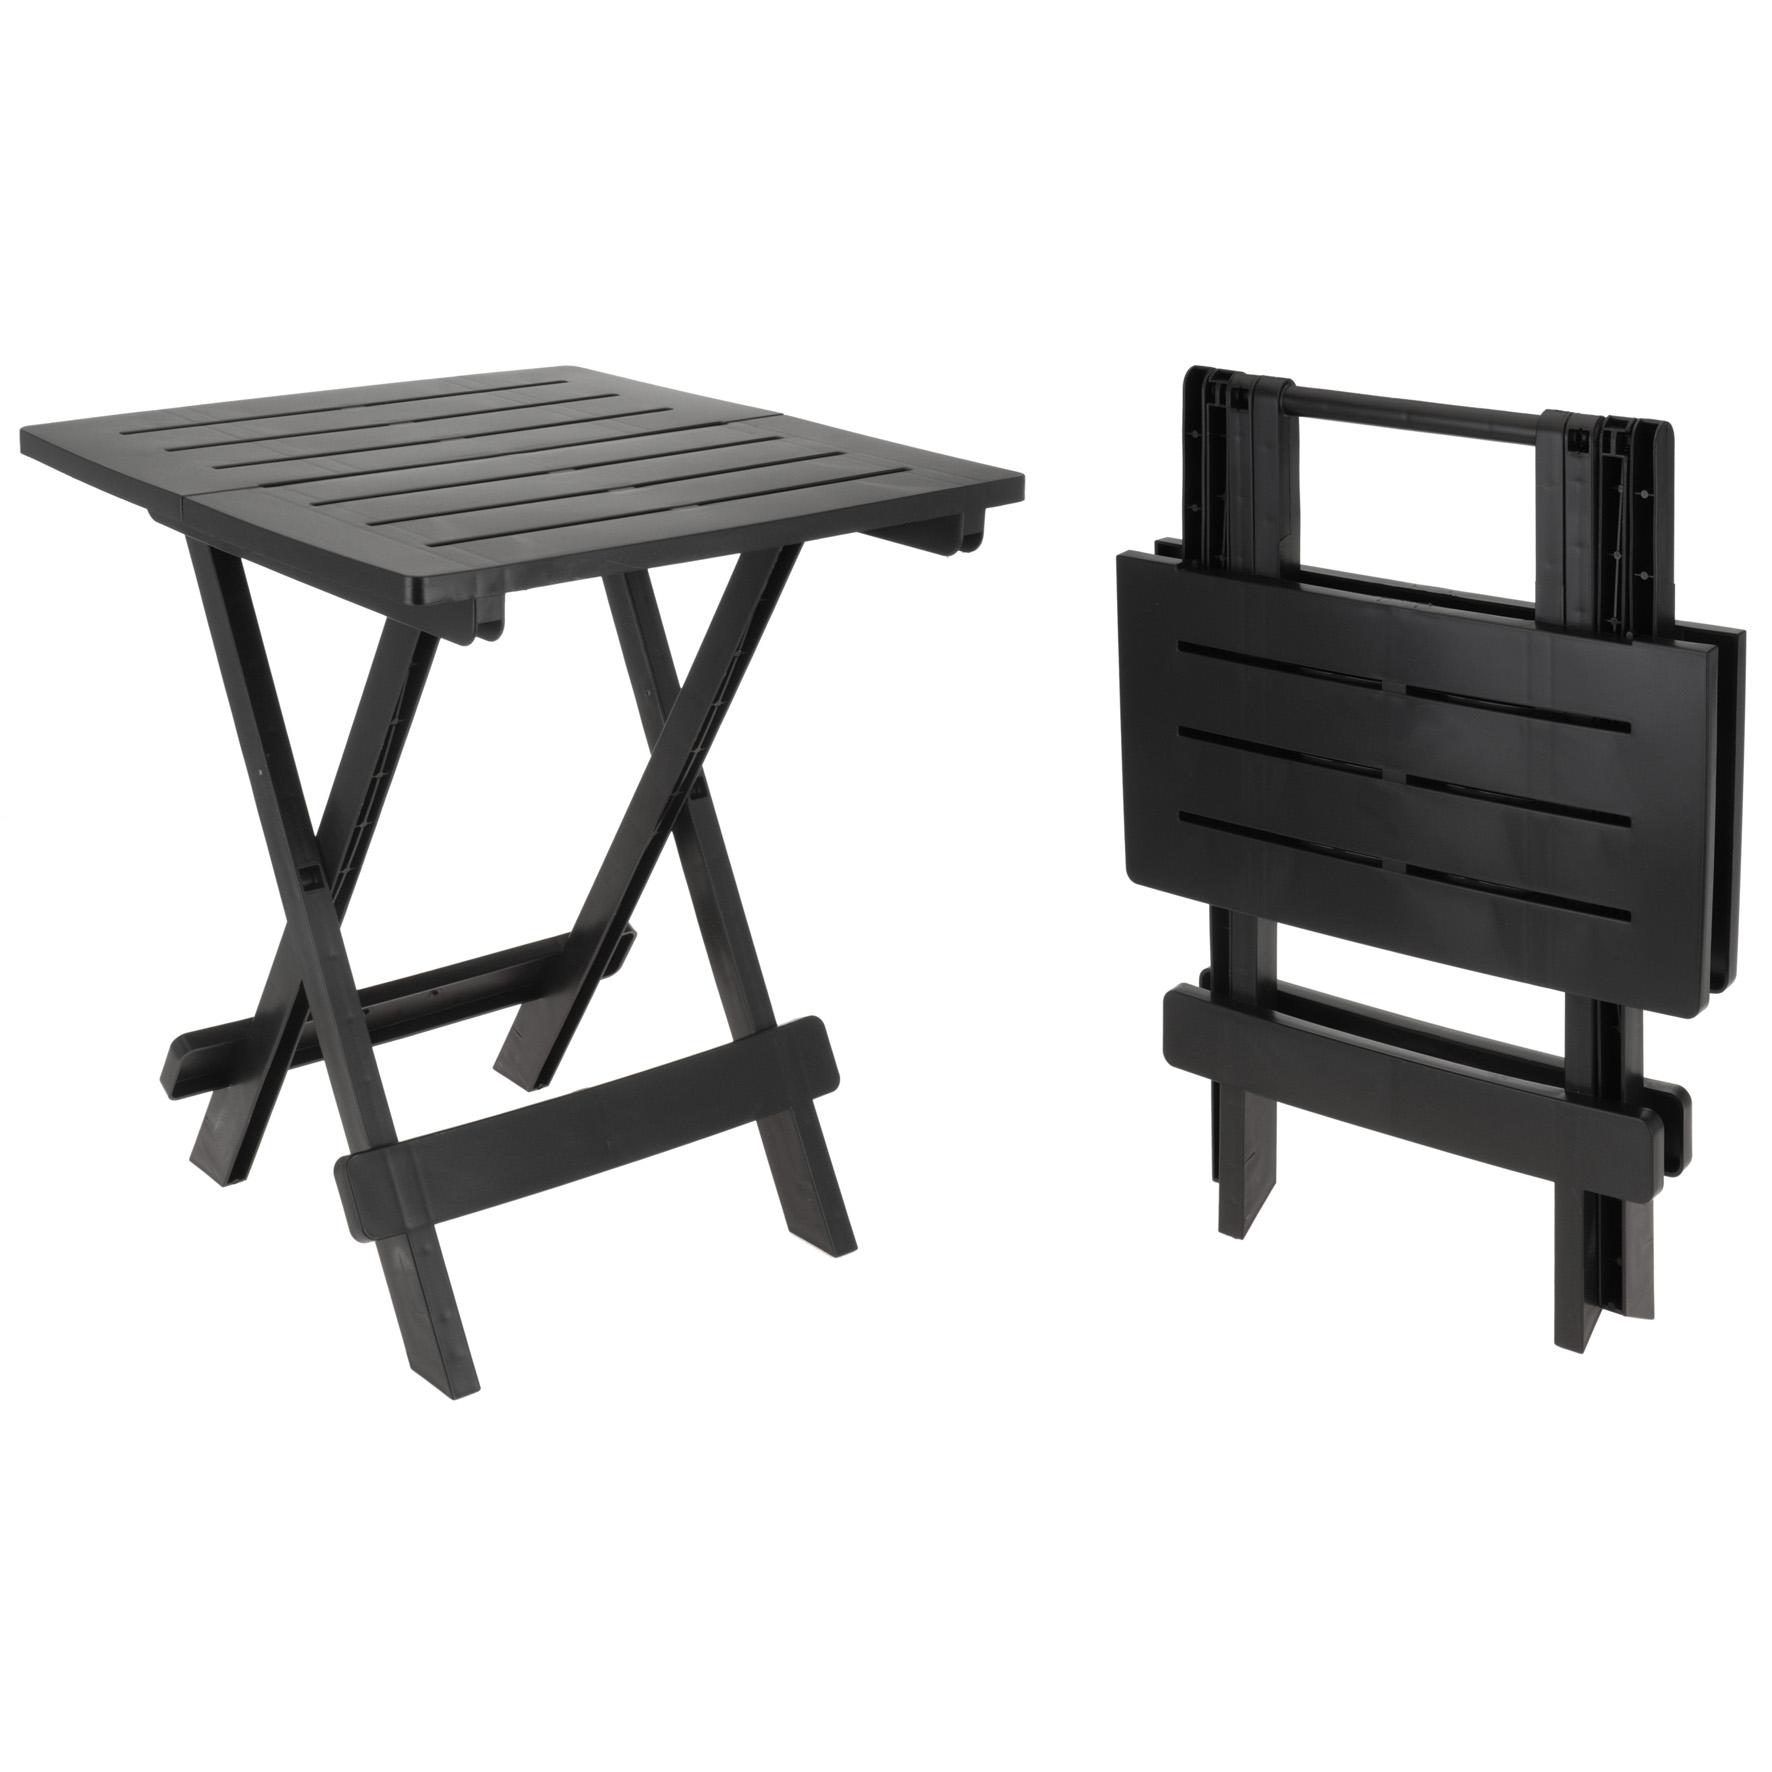 kunststoff beistelltisch kleiner klapptisch gartentisch tisch camping ebay. Black Bedroom Furniture Sets. Home Design Ideas